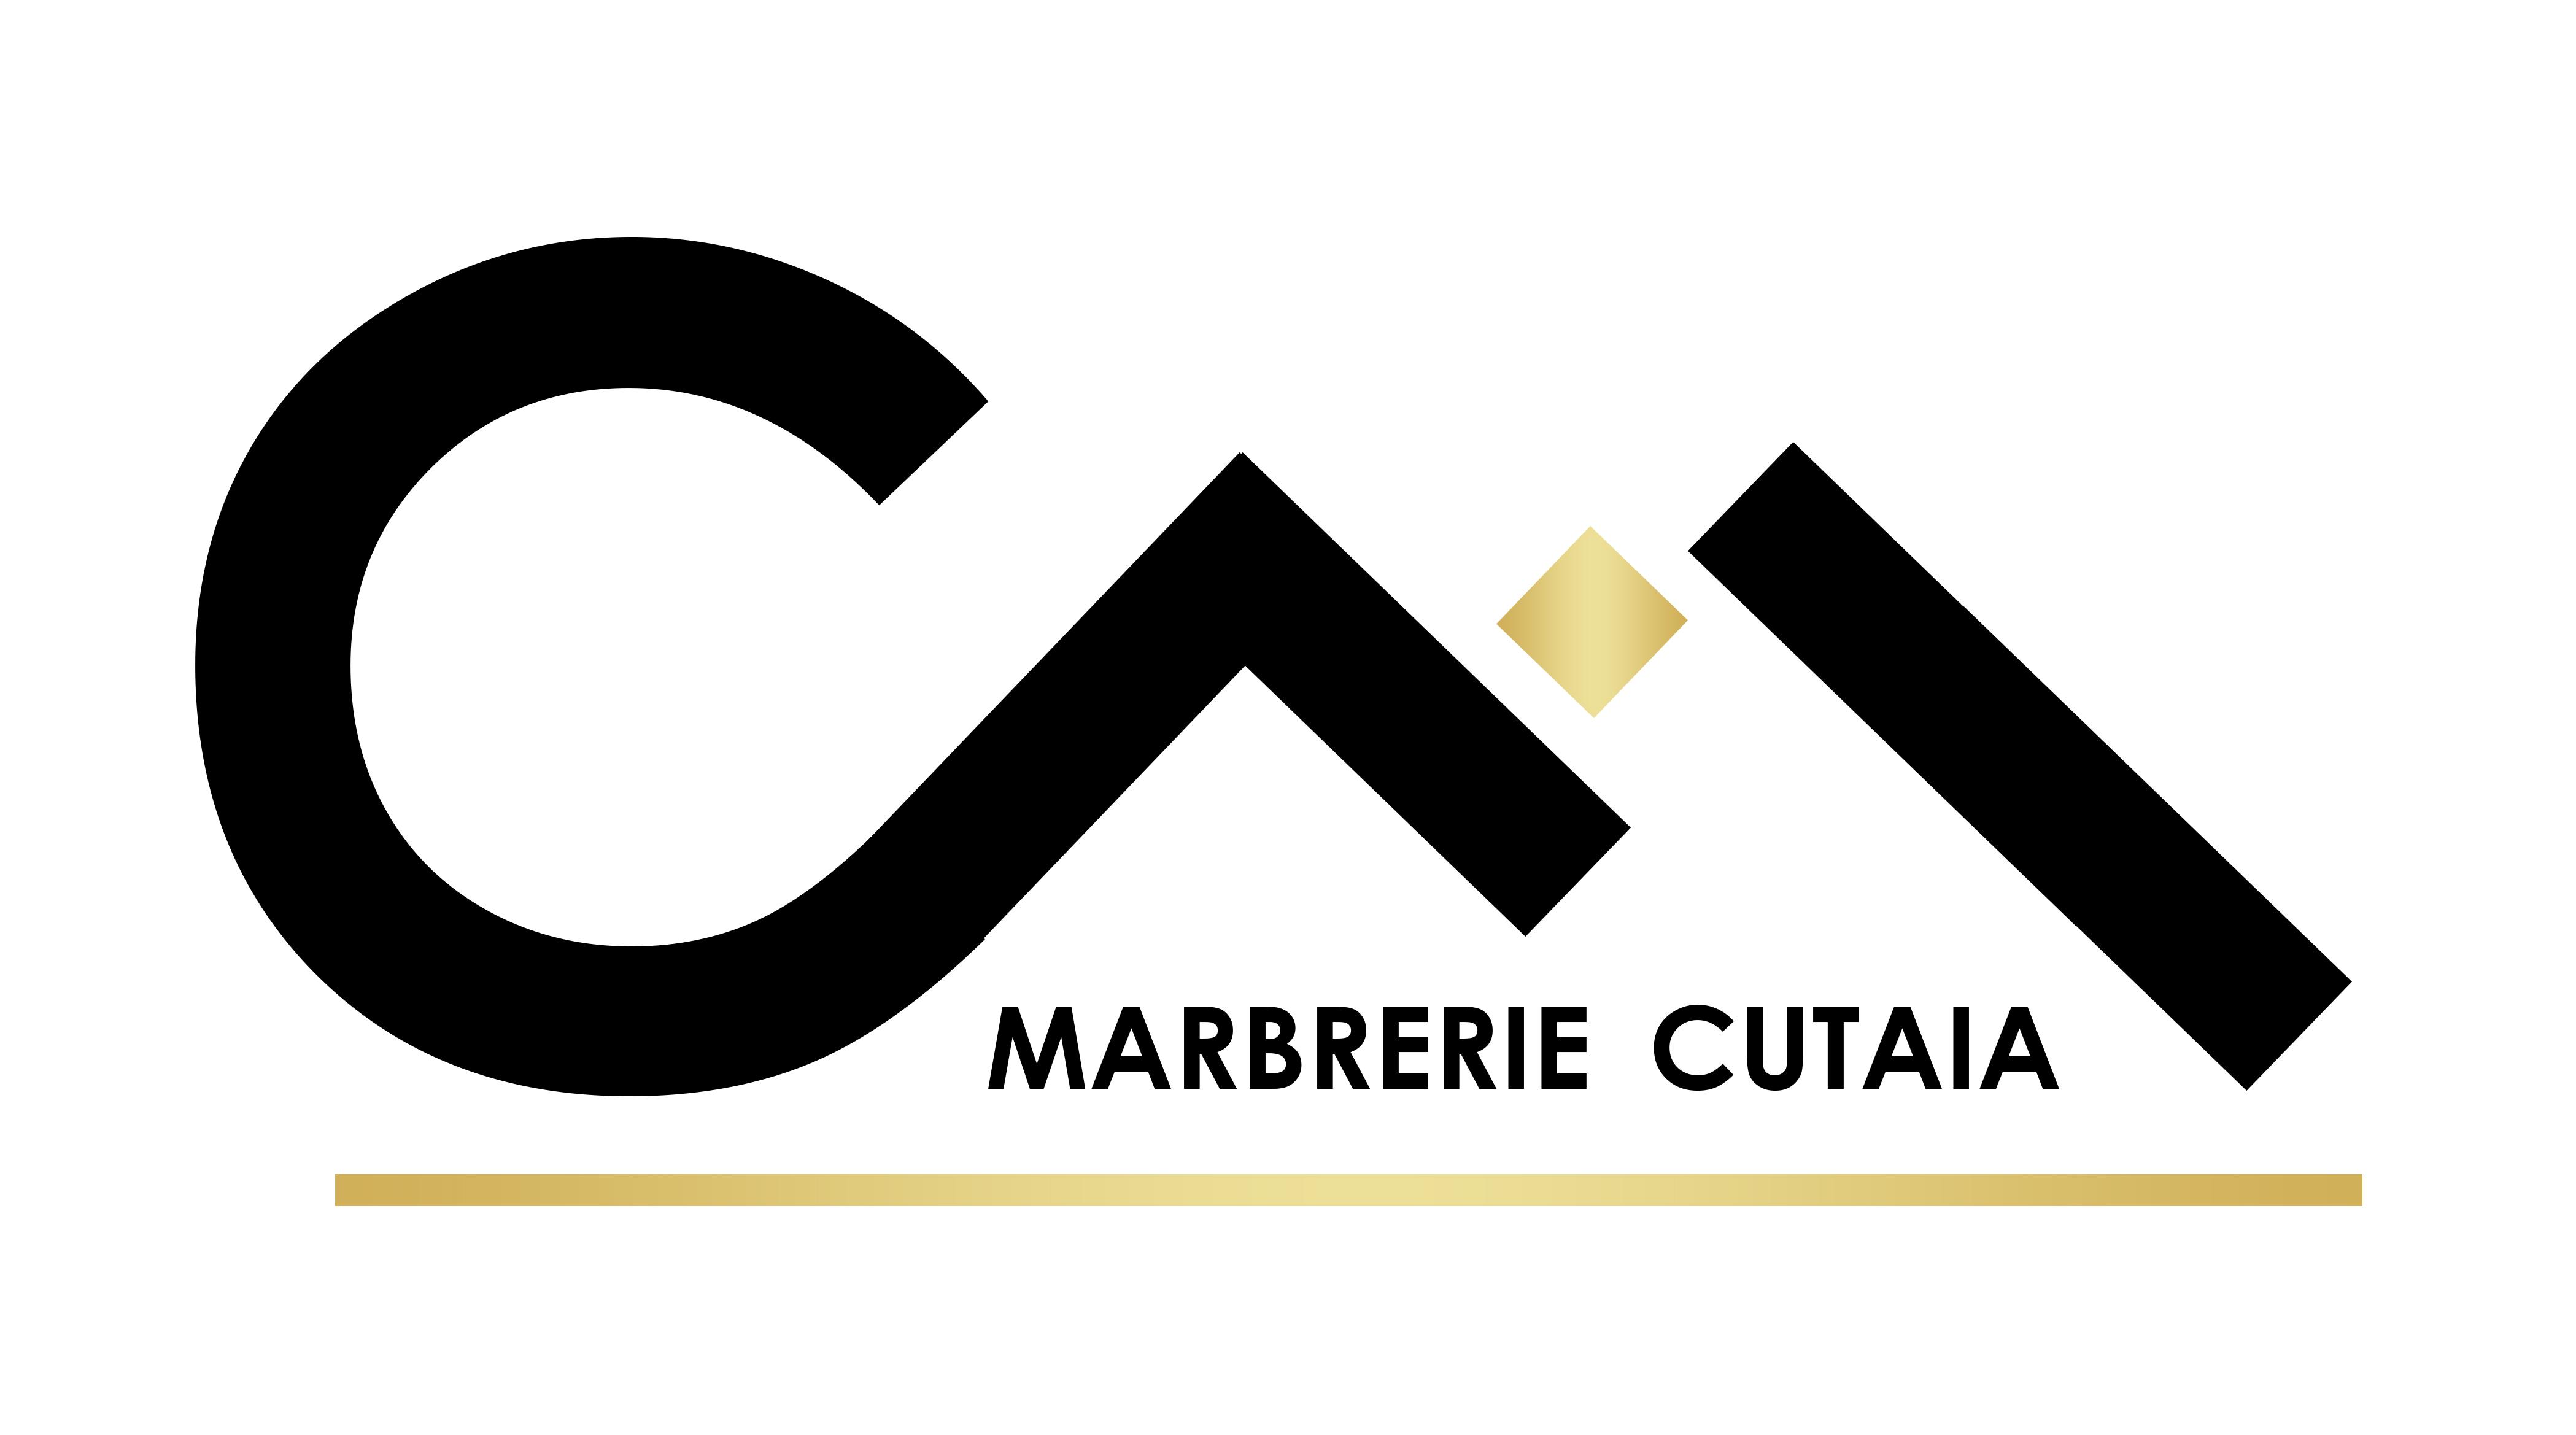 Marbrerie Cutaia - Marbrerie à La Louvière, Hainaut